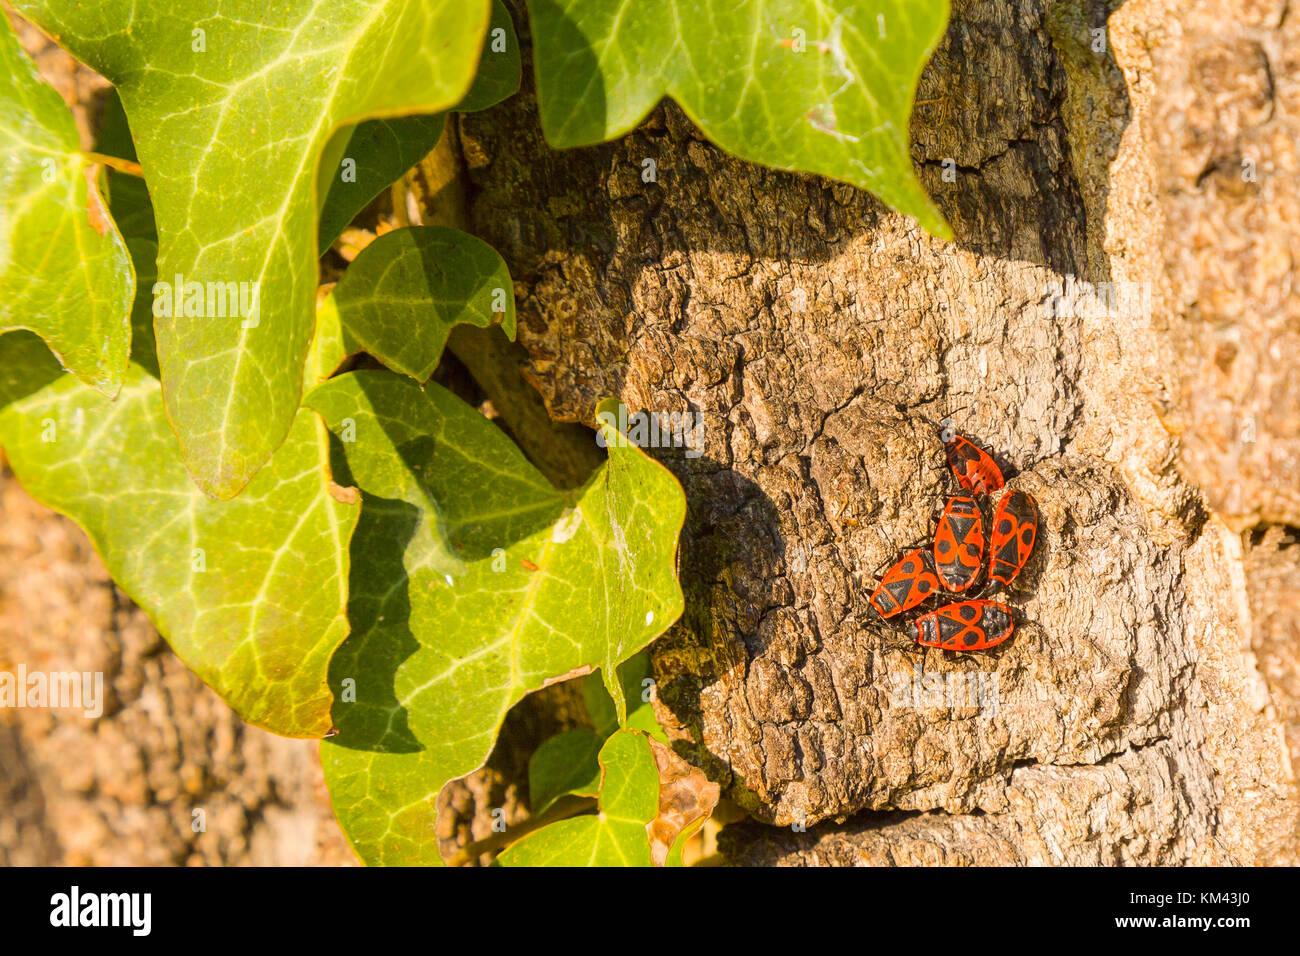 Bug nest with burying beetle - Stock Image